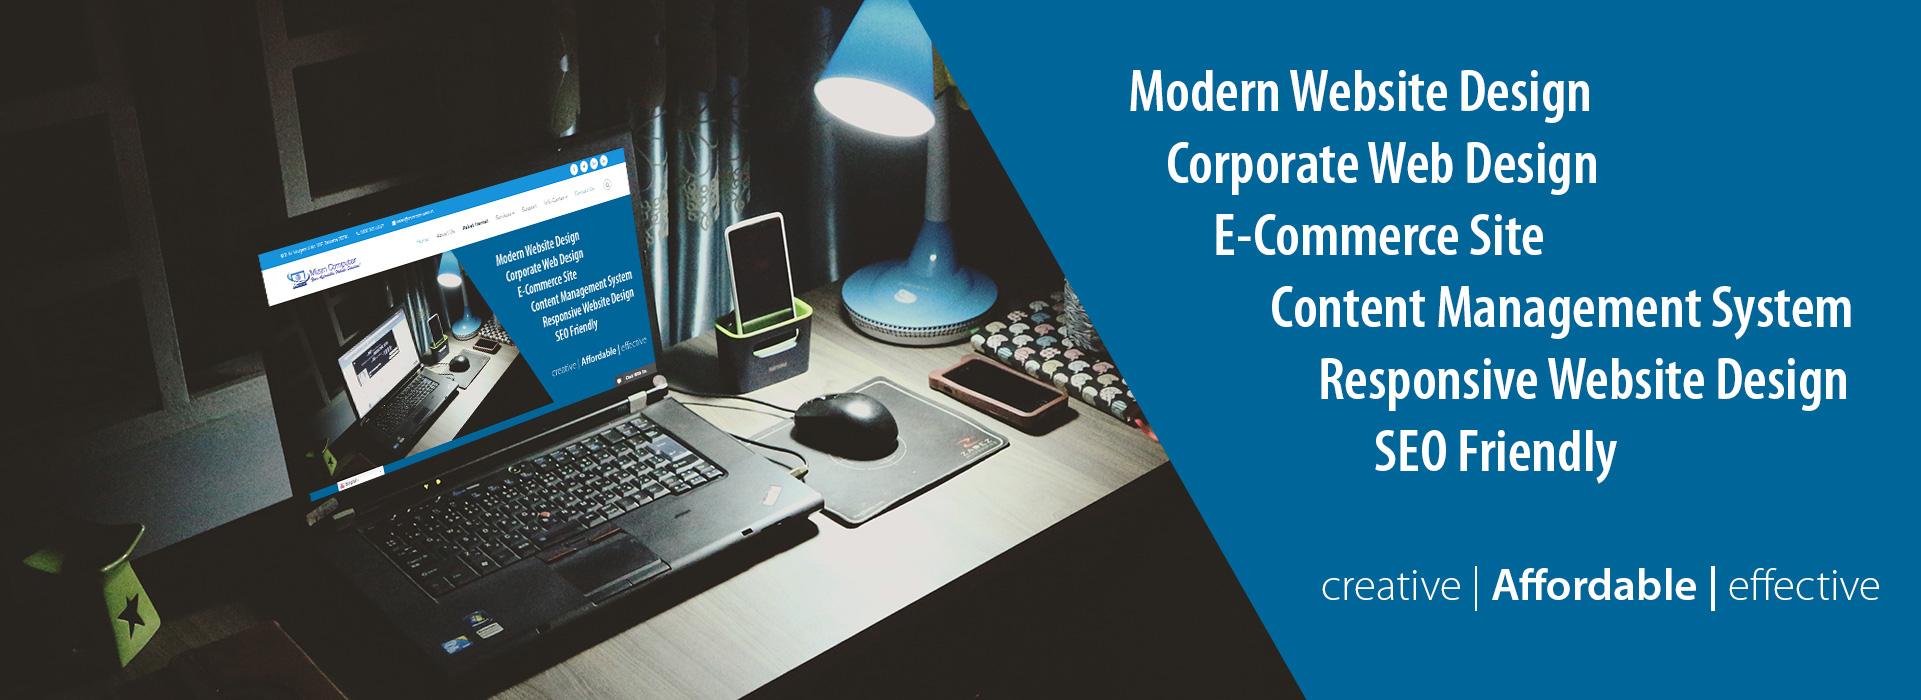 Pembuatan Website. Mizan Computer menyediakan dengan Harga Terjangkau. Layanan tersedia untuk seluruh wilayah di Indonesia dan luar negeri. Hubungi Mizan Computer untuk kebutuhan pengembangan dan pengelolaan website anda sekarang juga.